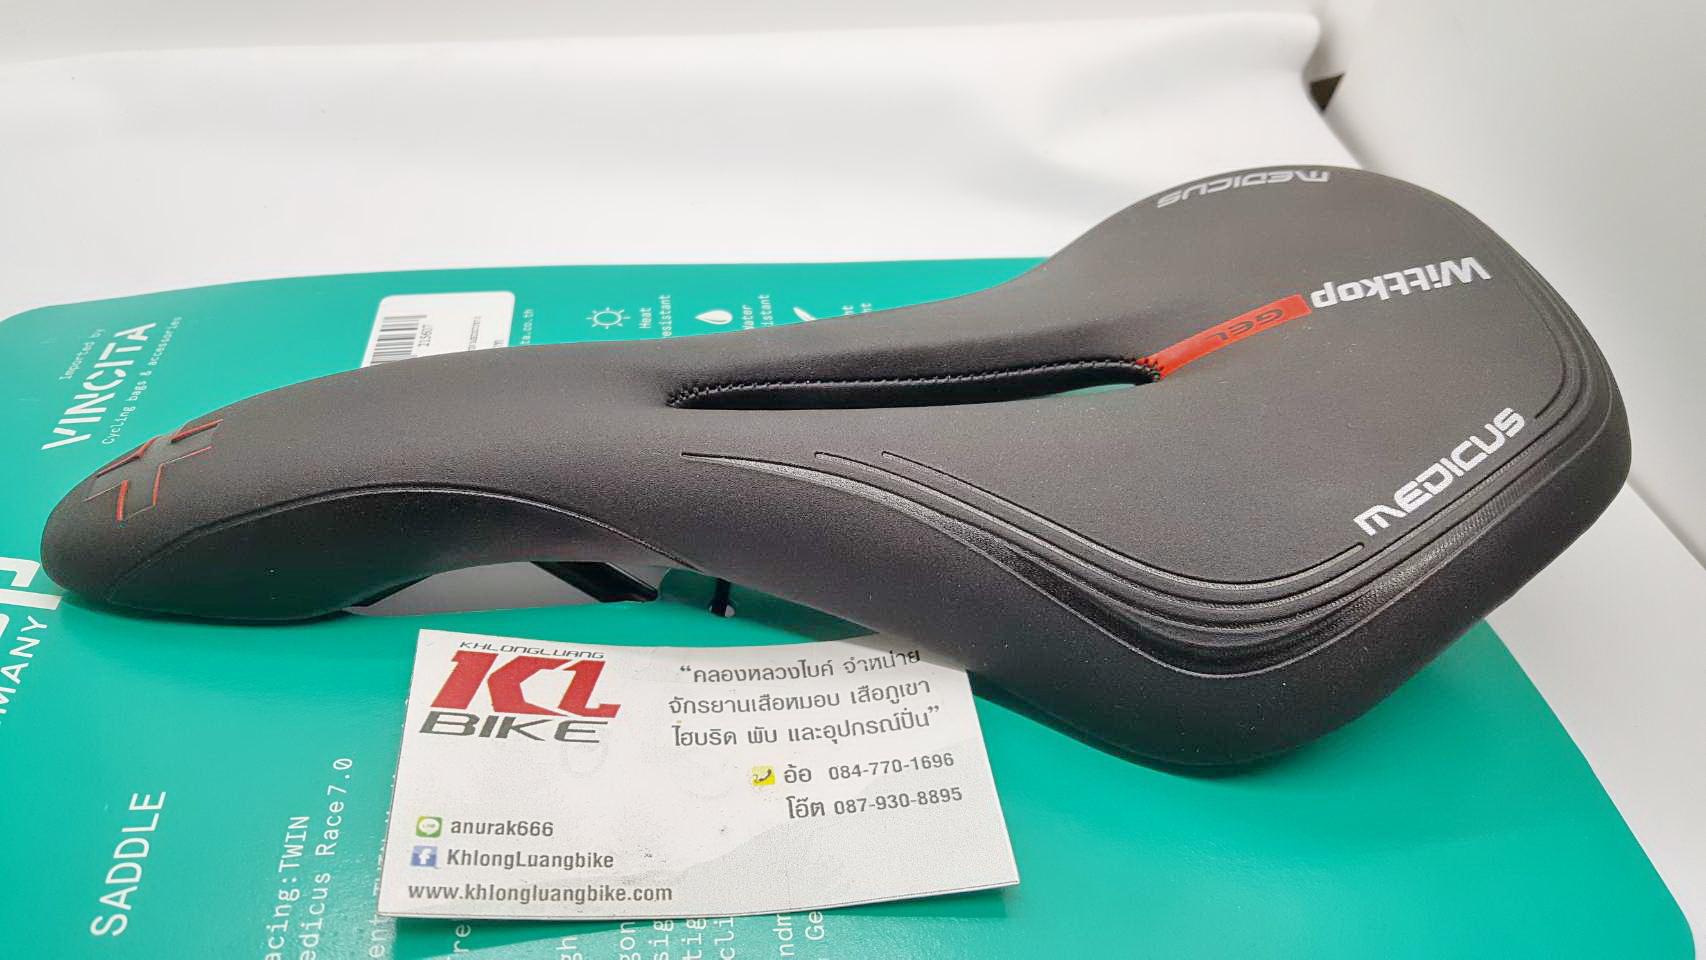 เบาะเจล Wittkop 2018 ทรง Sport หนังแบบใหม่ Velonra Leather Made in Germany 100%